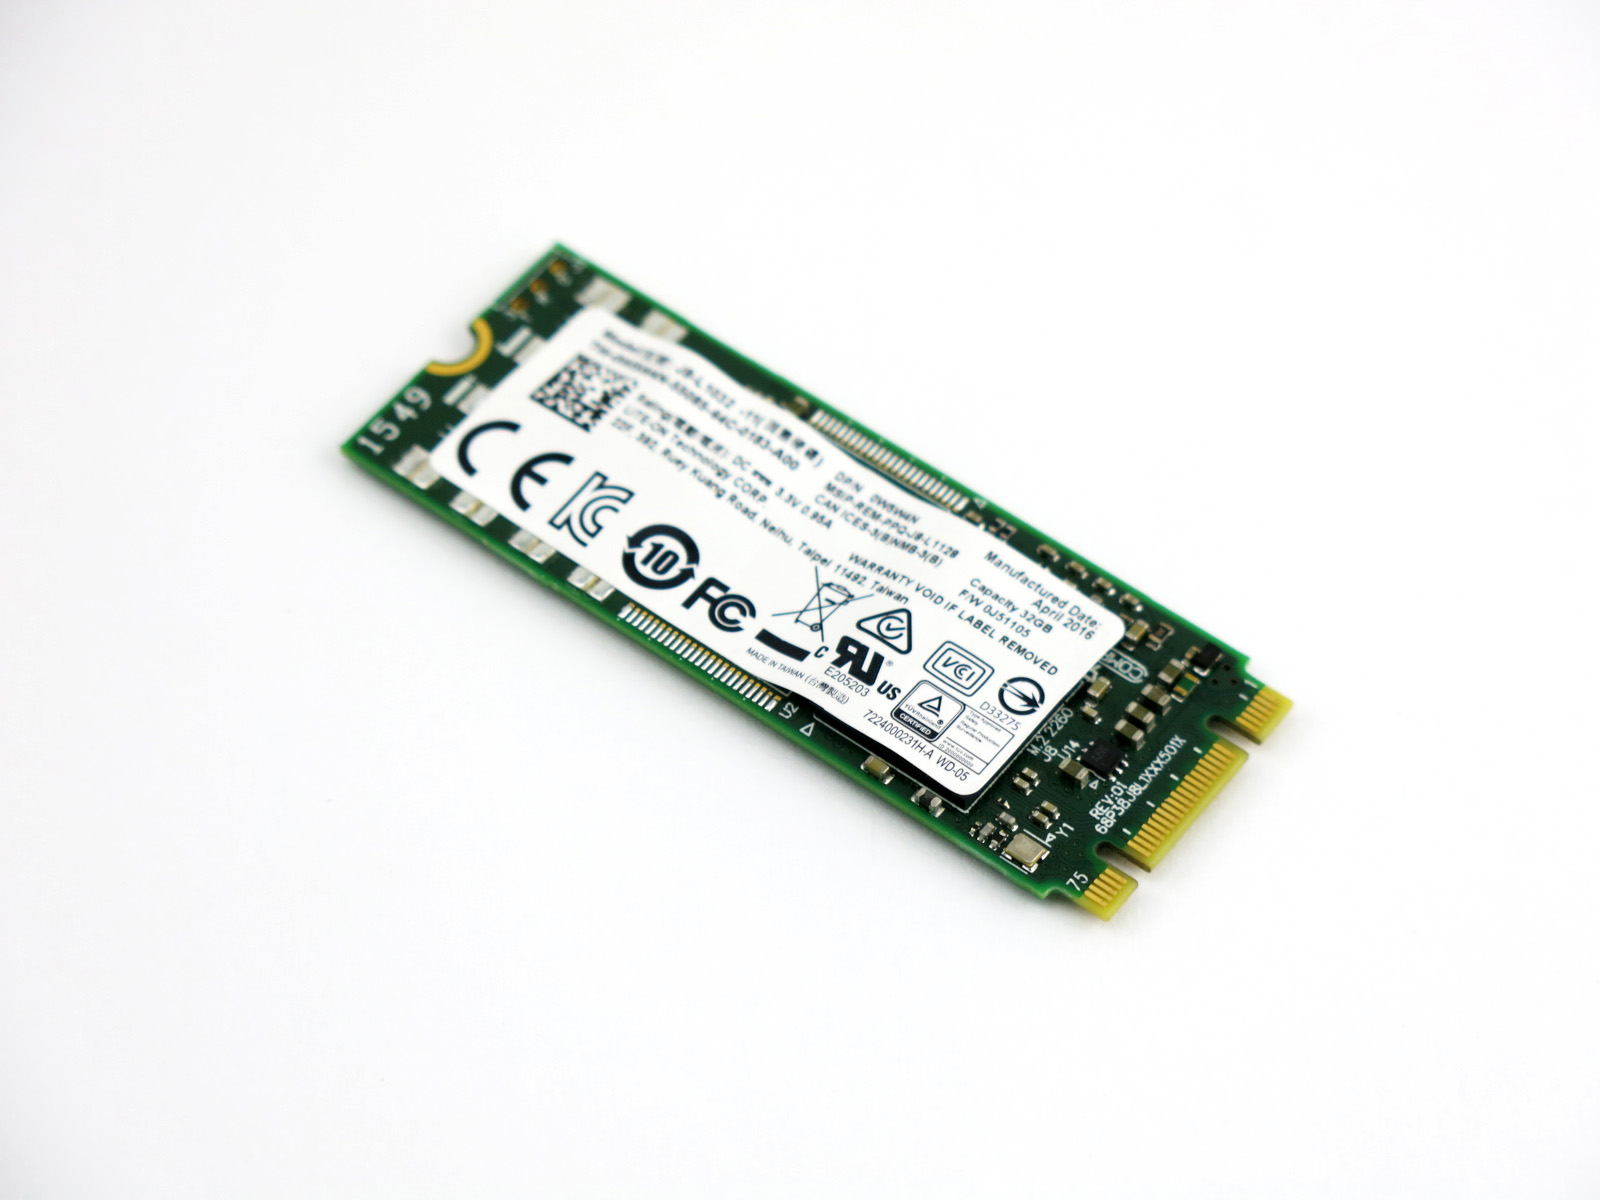 J8-L1032-11 / W5W4N 60 mm SSD Drive